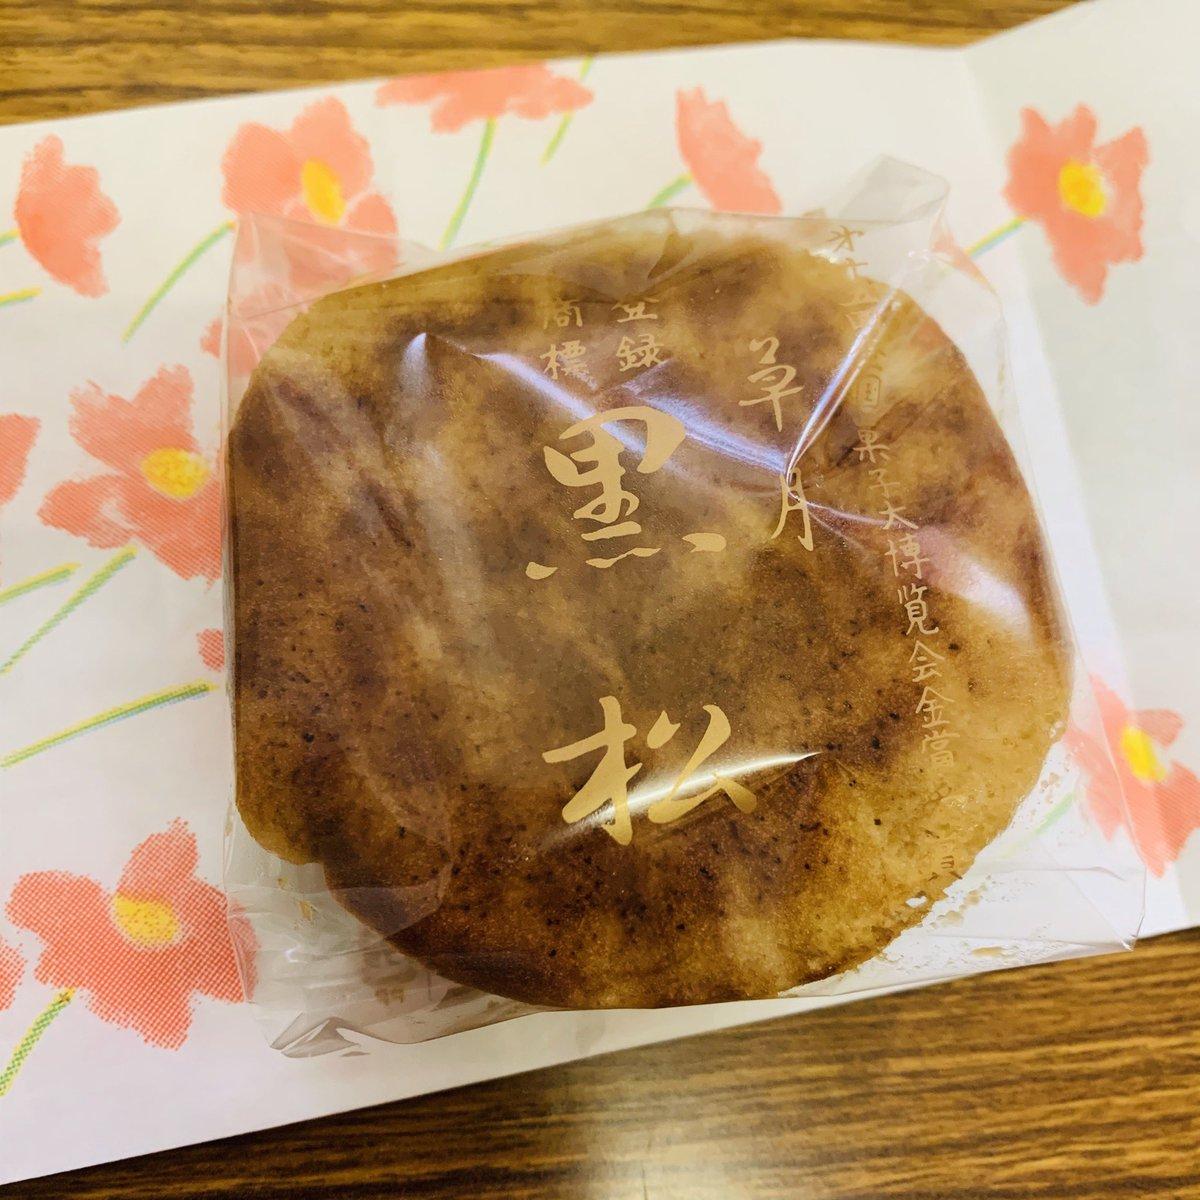 test ツイッターメディア - 本日の差し入れ!最高!! 東京三大どら焼きの黒松だけ食べたことなくって、初めてです〜💕 私のお客さんは差し入れたくさんくれて間違いなく餌付けされてる(違う) https://t.co/kUGIPSLxS3